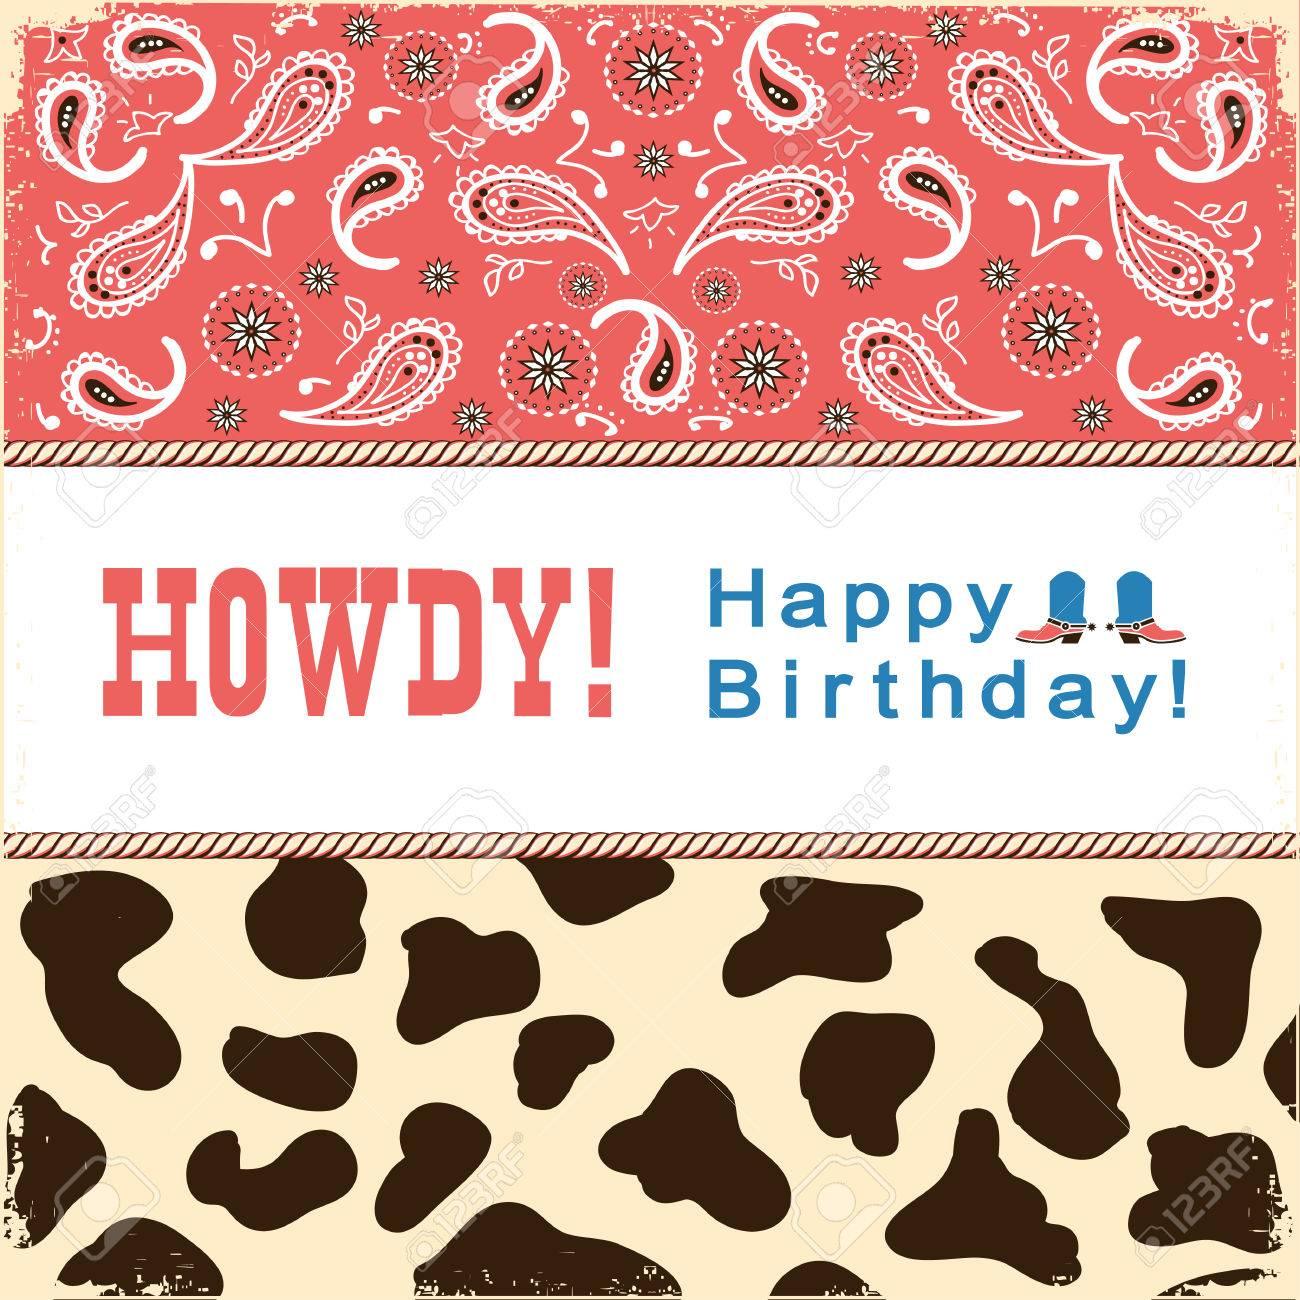 Carte De Joyeux Anniversaire De Cowboy Avec Le Texte Carte Enfant Carte Retro Illustration Clip Art Libres De Droits Vecteurs Et Illustration Image 75389611